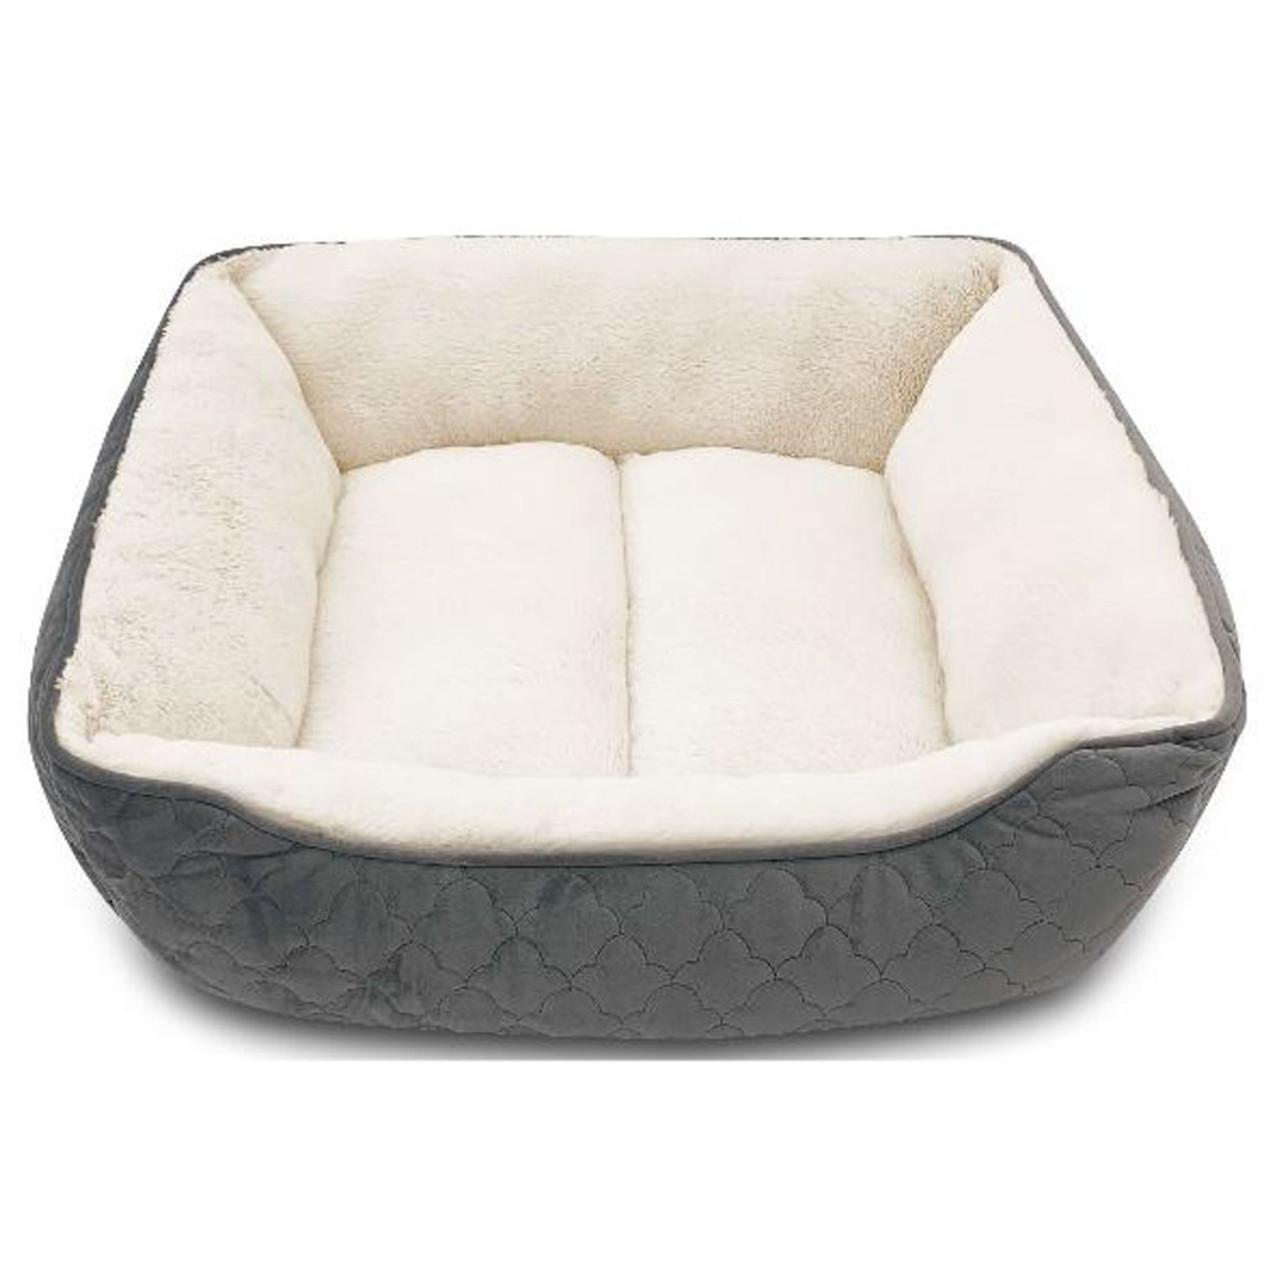 Pure Comfort Rectangular Cuddler Velvet Gray Dog Bed - Front